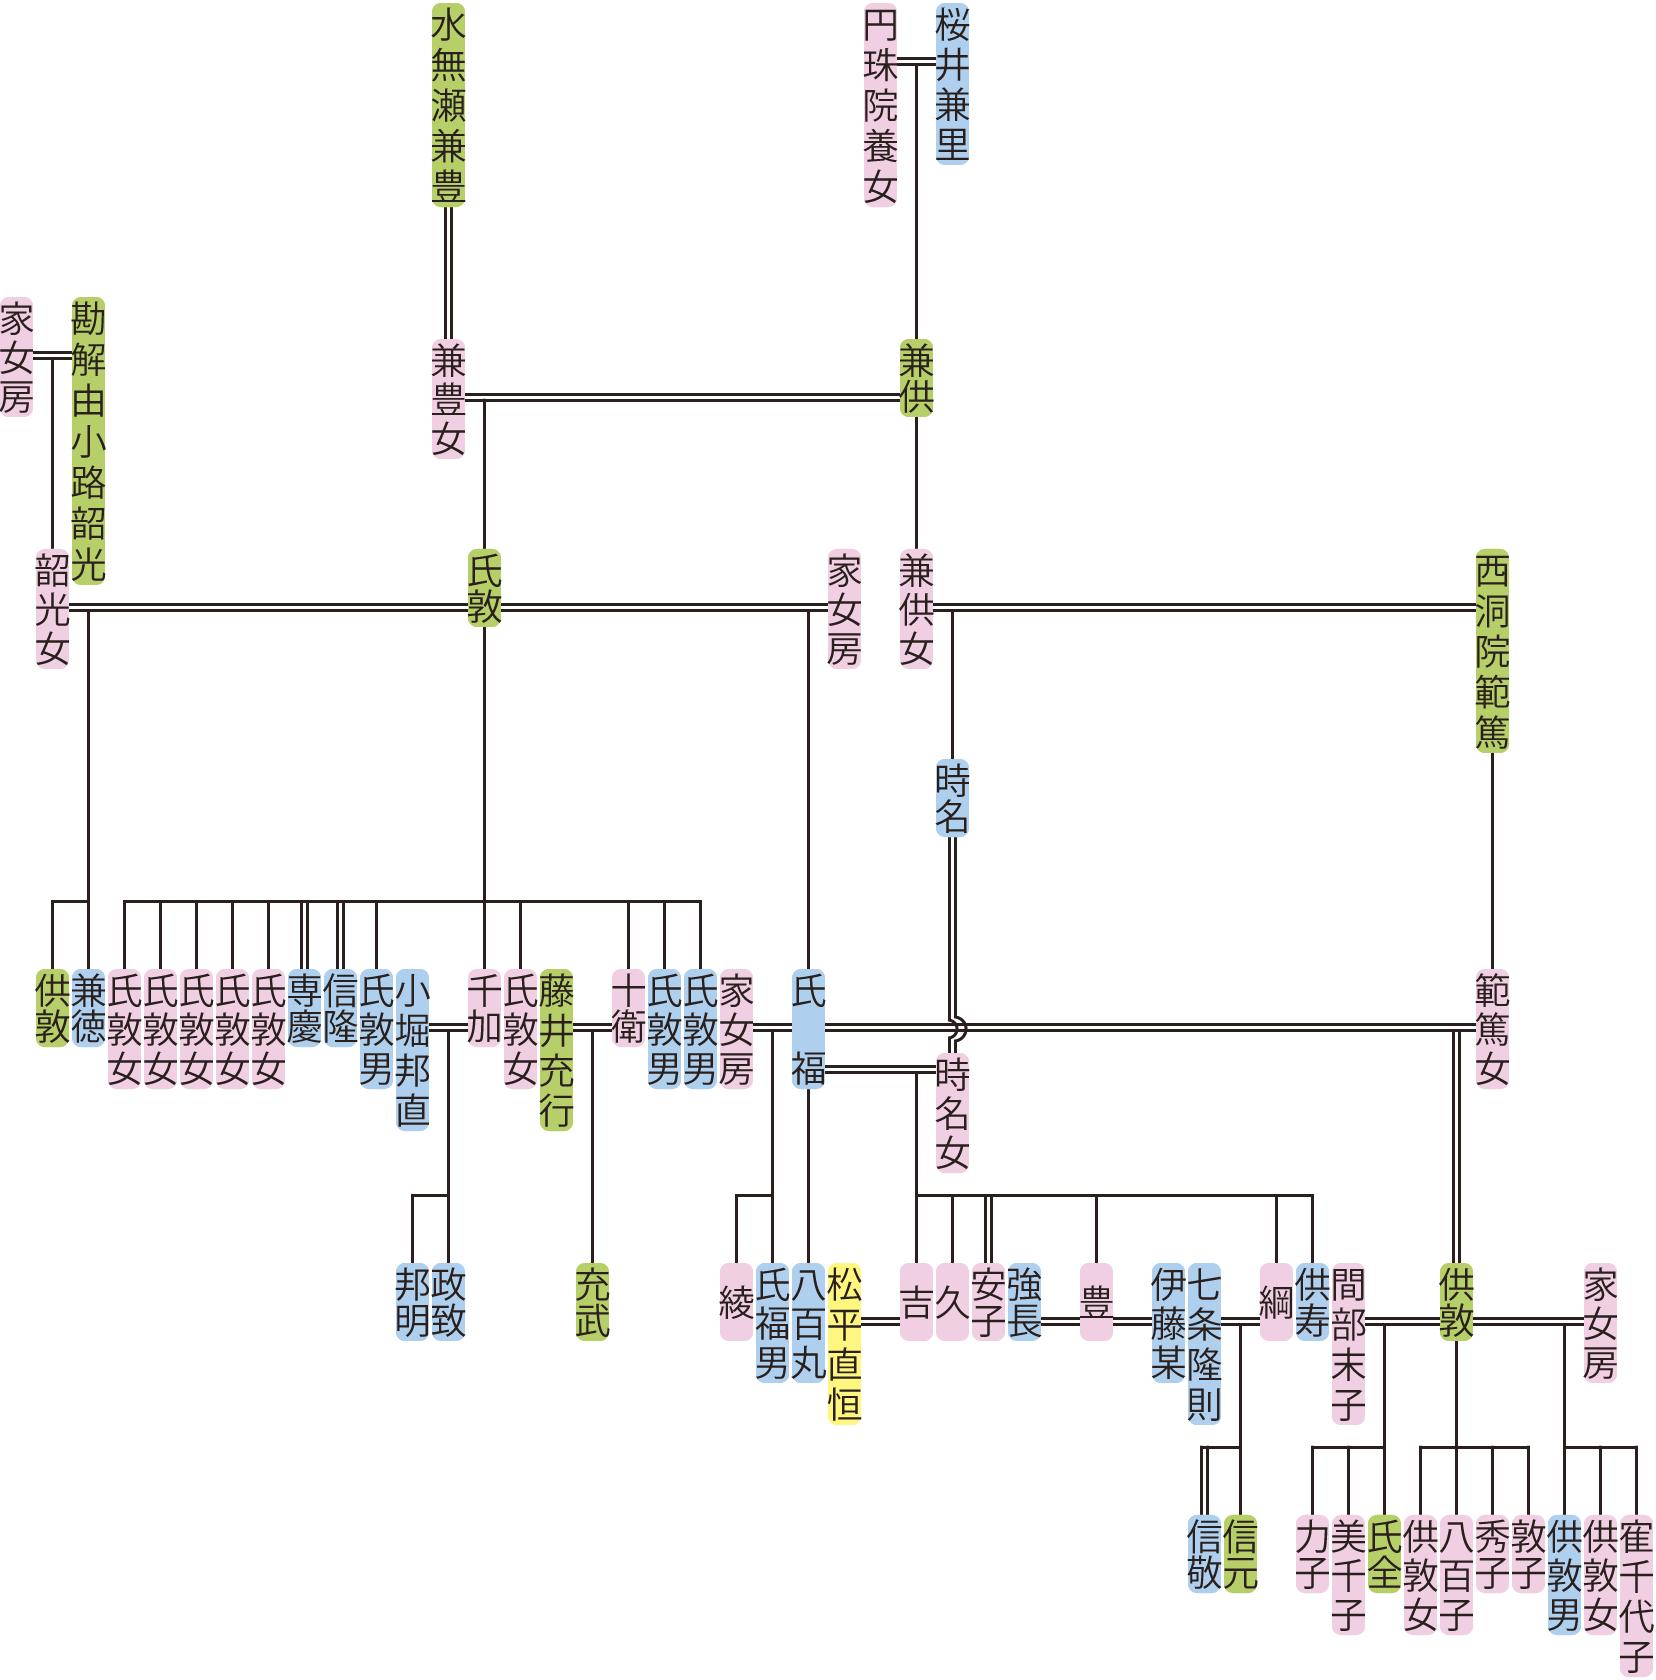 桜井氏敦・氏福の系図